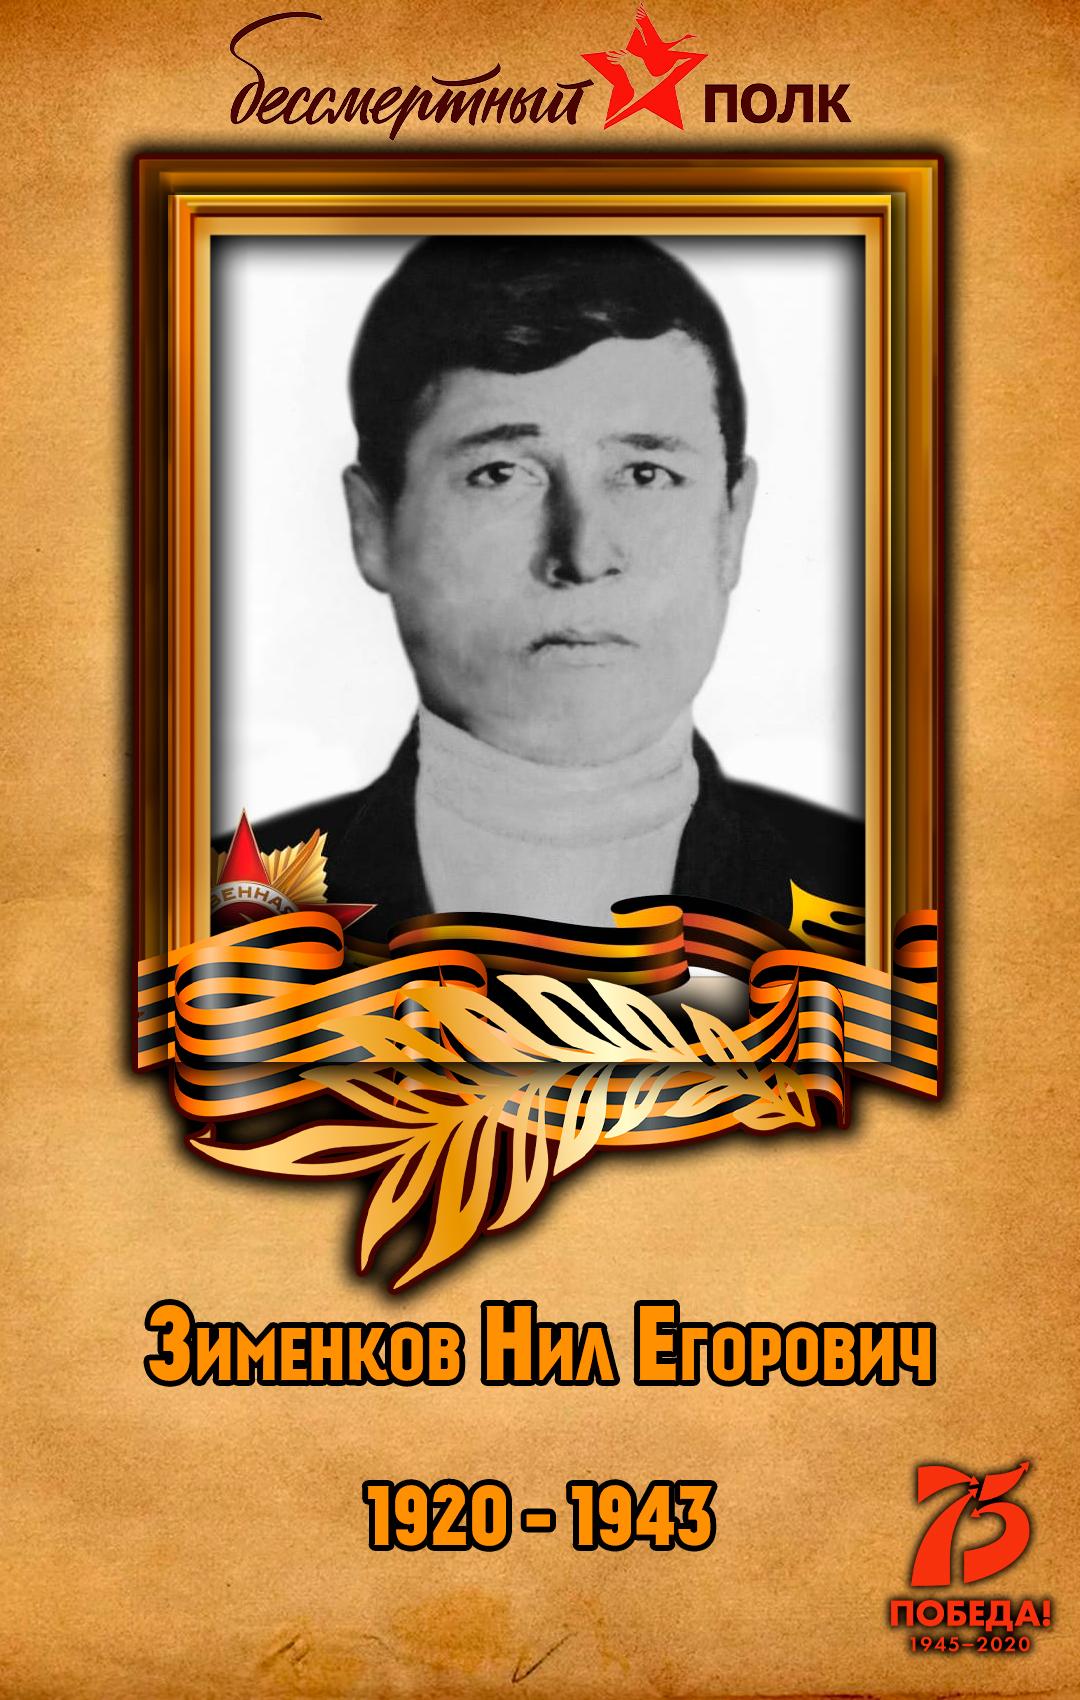 Зименков-Нил-Егорович